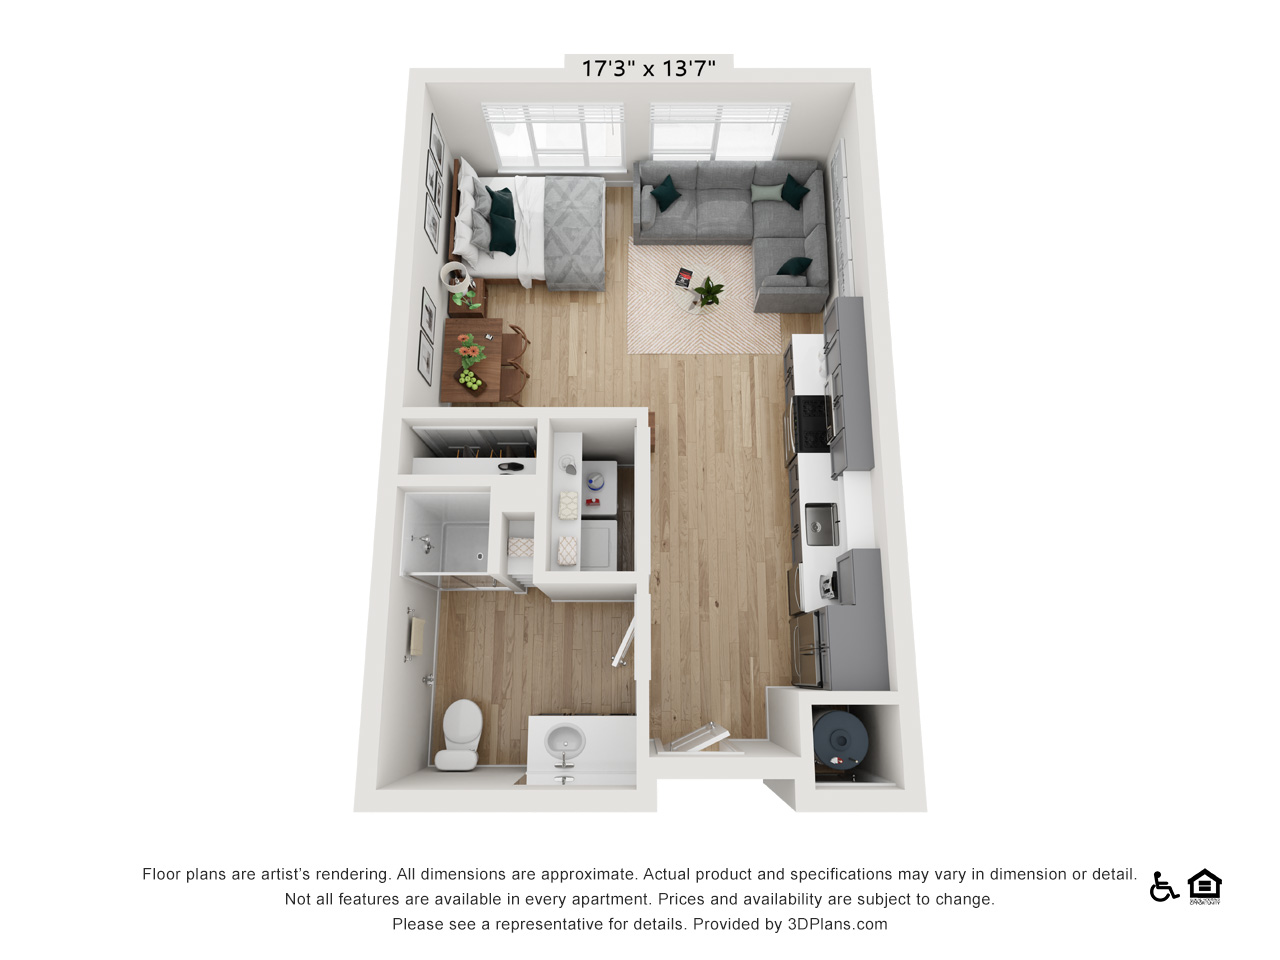 Studio C | 0 Bedrooms | 1 Bathroom | 505 sq ft